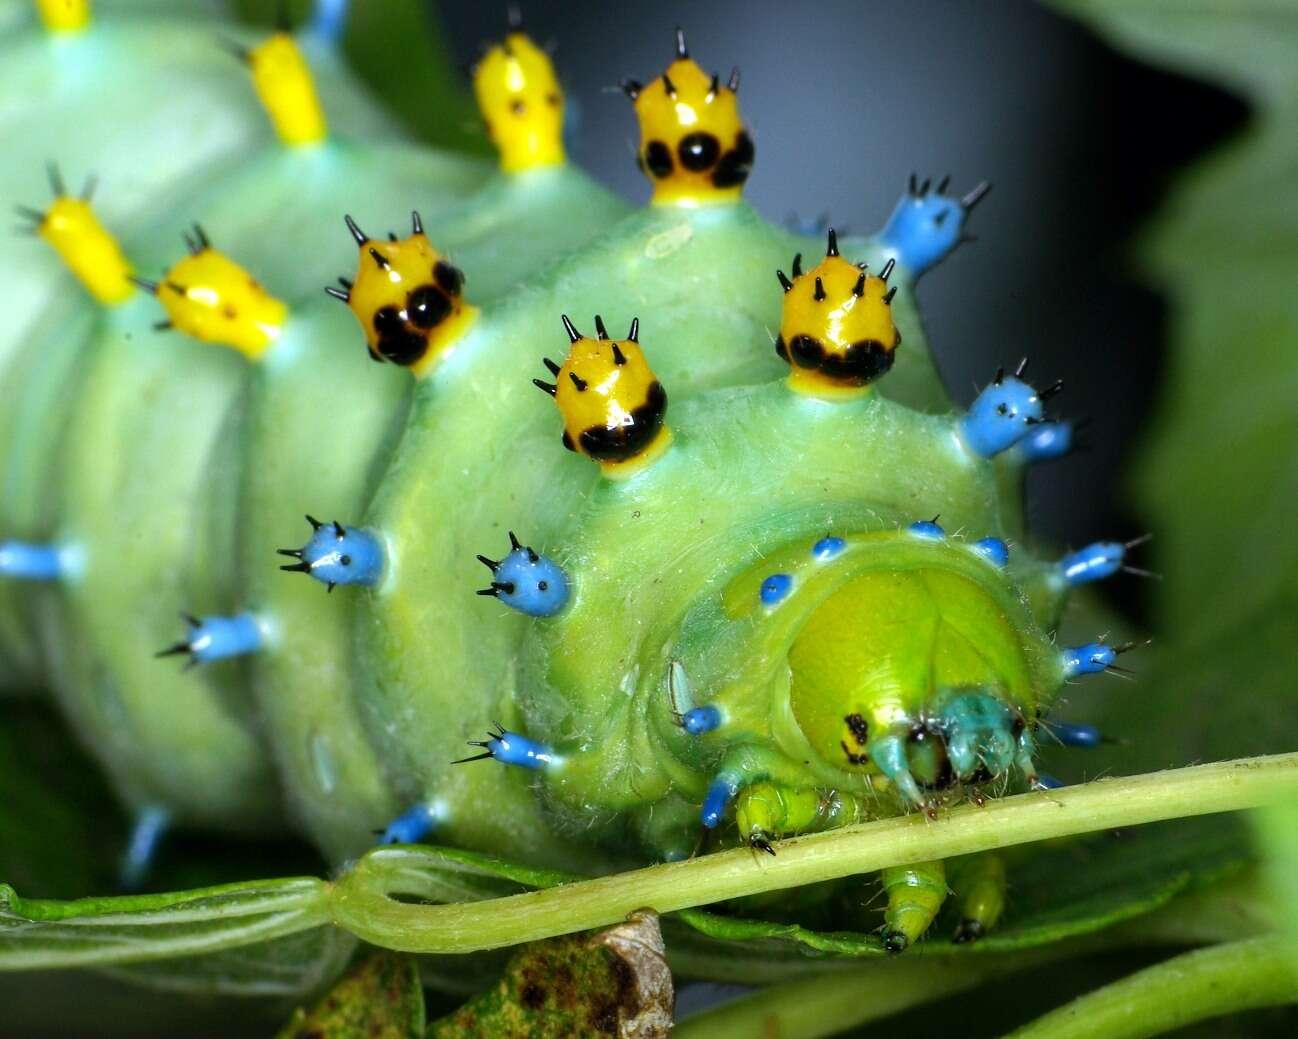 Cette chenille peut mesurer jusqu'à huit ou dix centimètres de long deux mois après sa naissance. À l'automne, elle se barricade dans une chrysalide, de laquelle sort un grand papillon de nuit. © Tom, Flickr, cc by nc nd 2.0